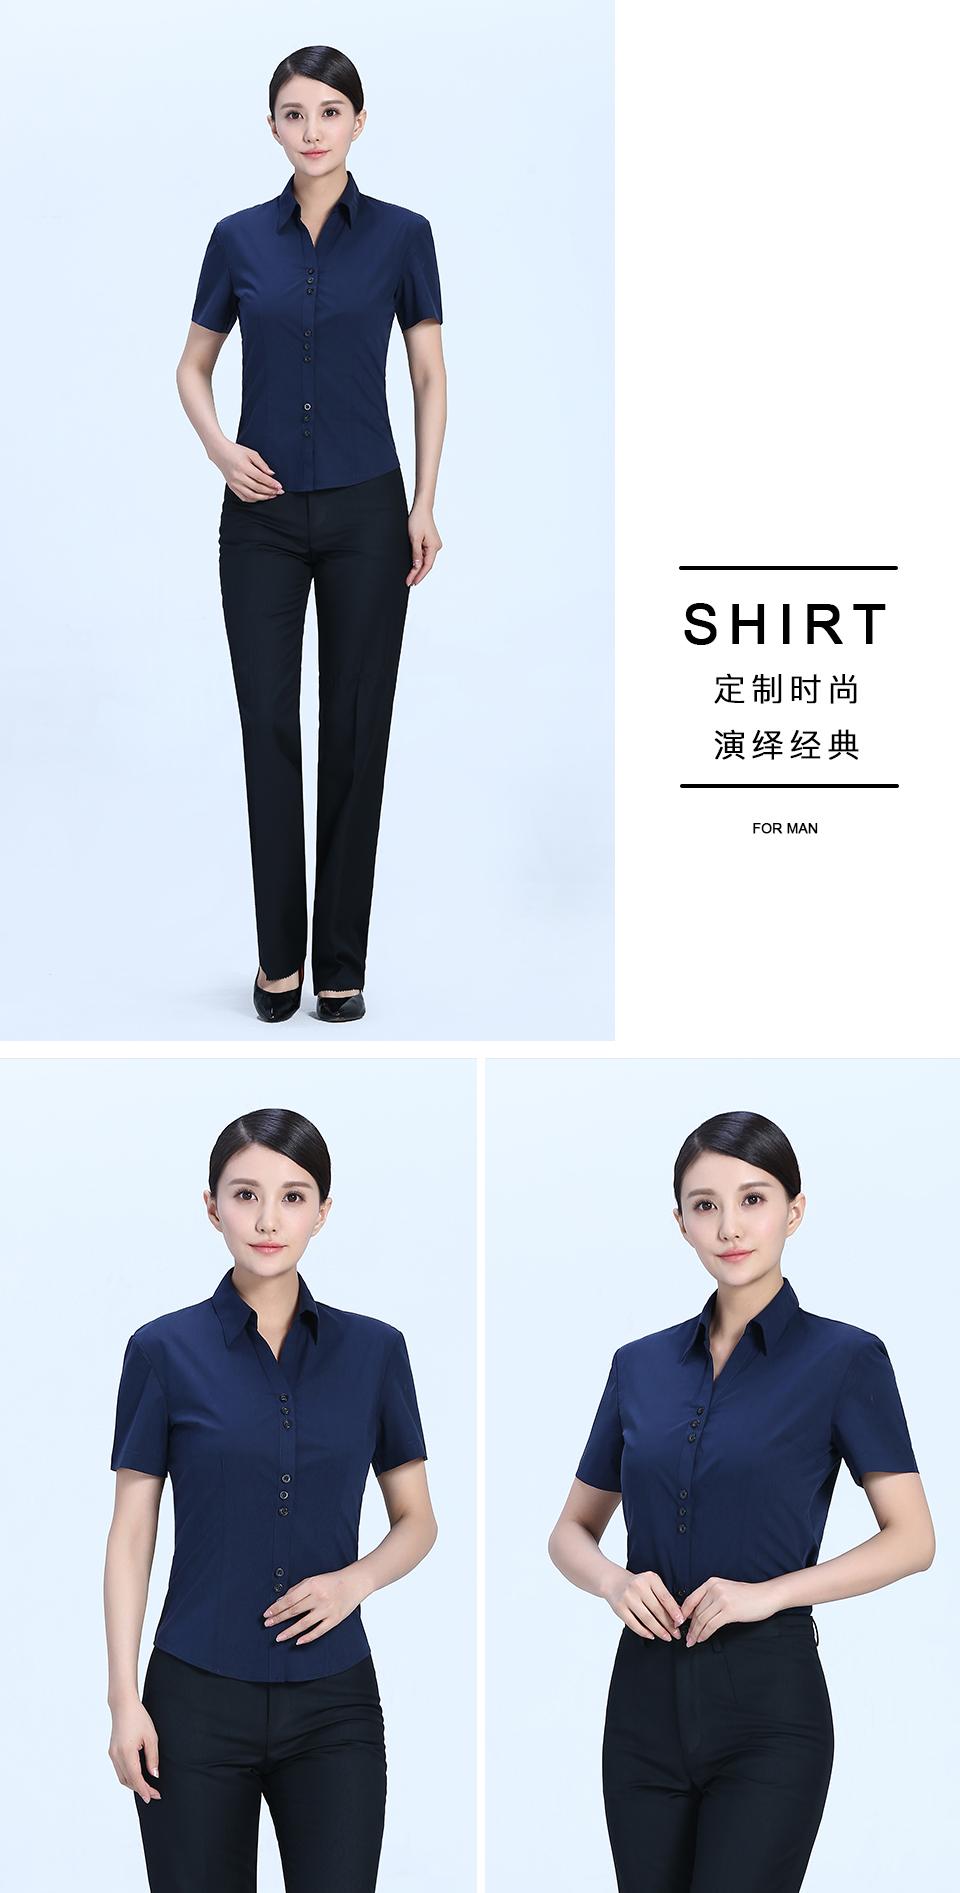 新款衬衫藏蓝女藏蓝V领短袖衬衫